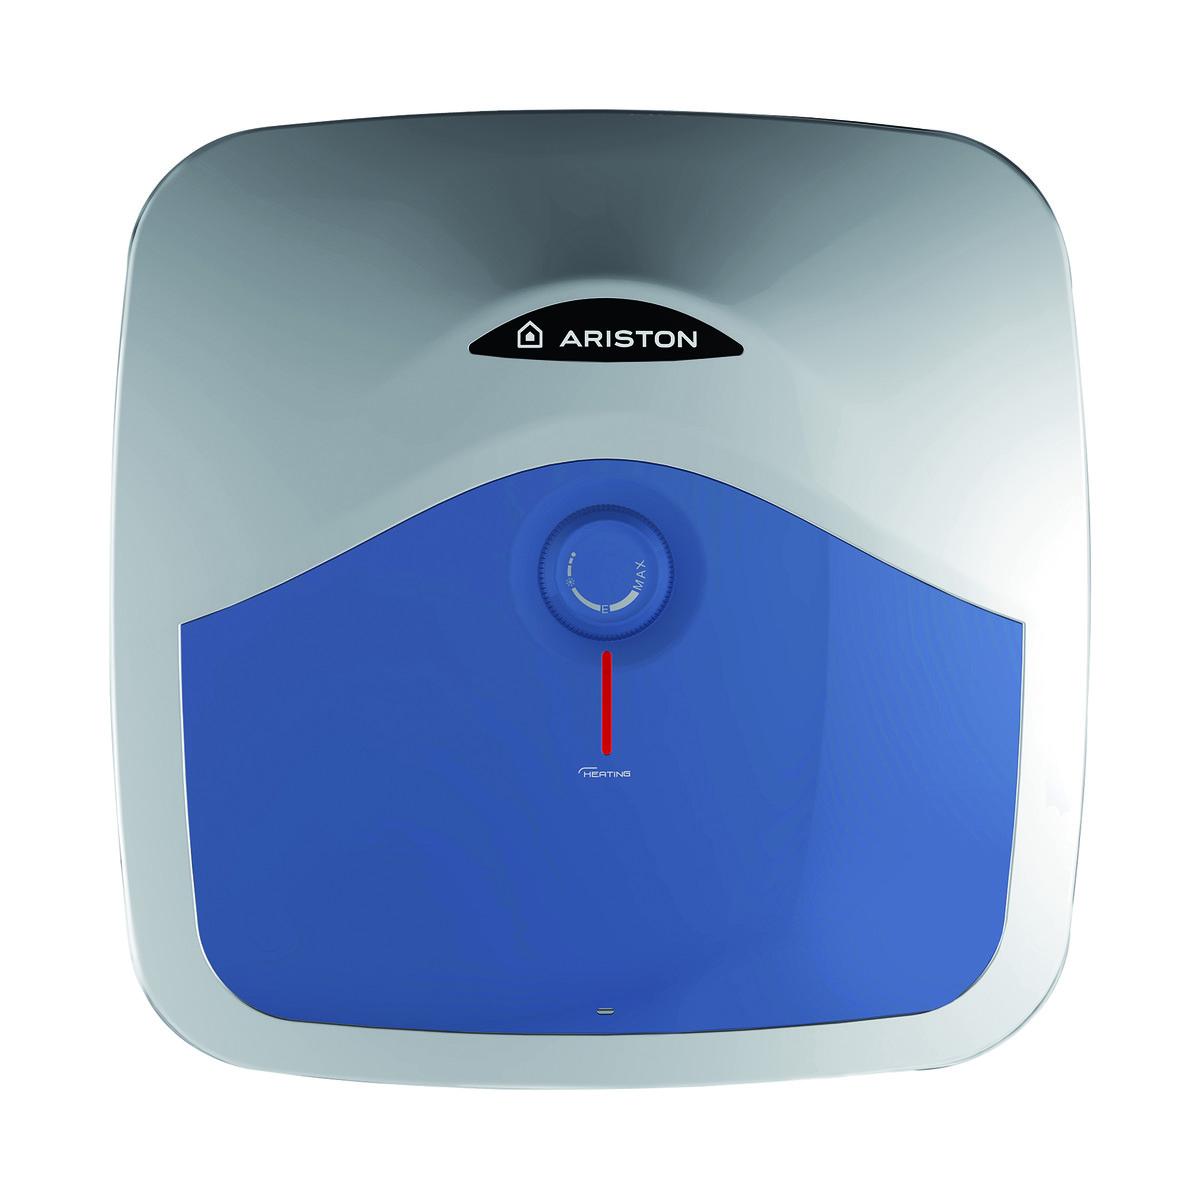 Prezzi siemens de40124 scaldabagno elettronico prezzi e - Scaldabagno istantaneo elettrico prezzi ...